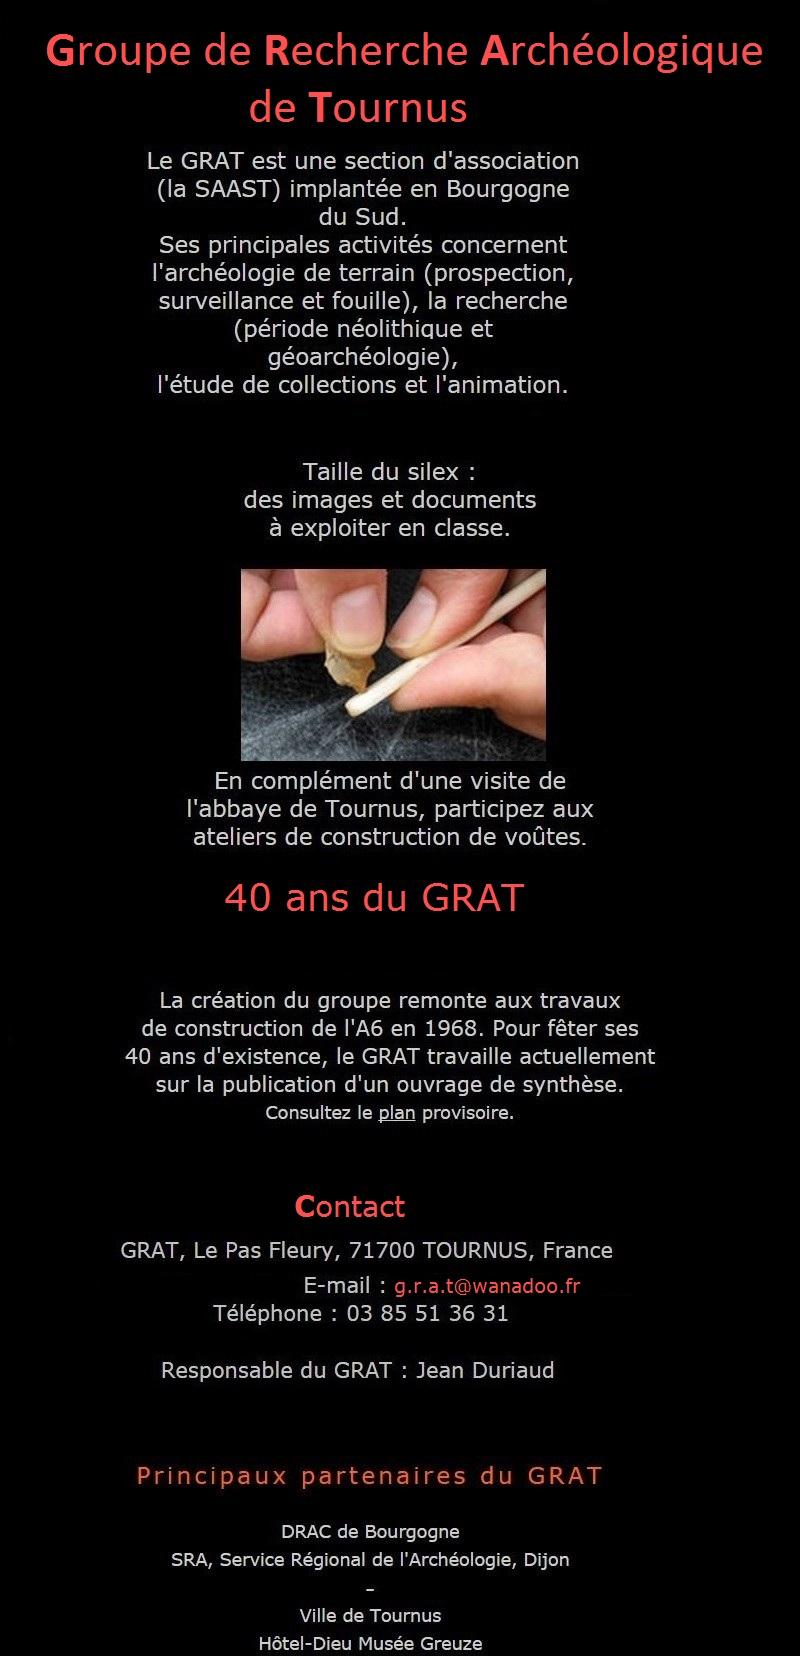 Groupe de Recherche Archéologique de Tournus Grat_113